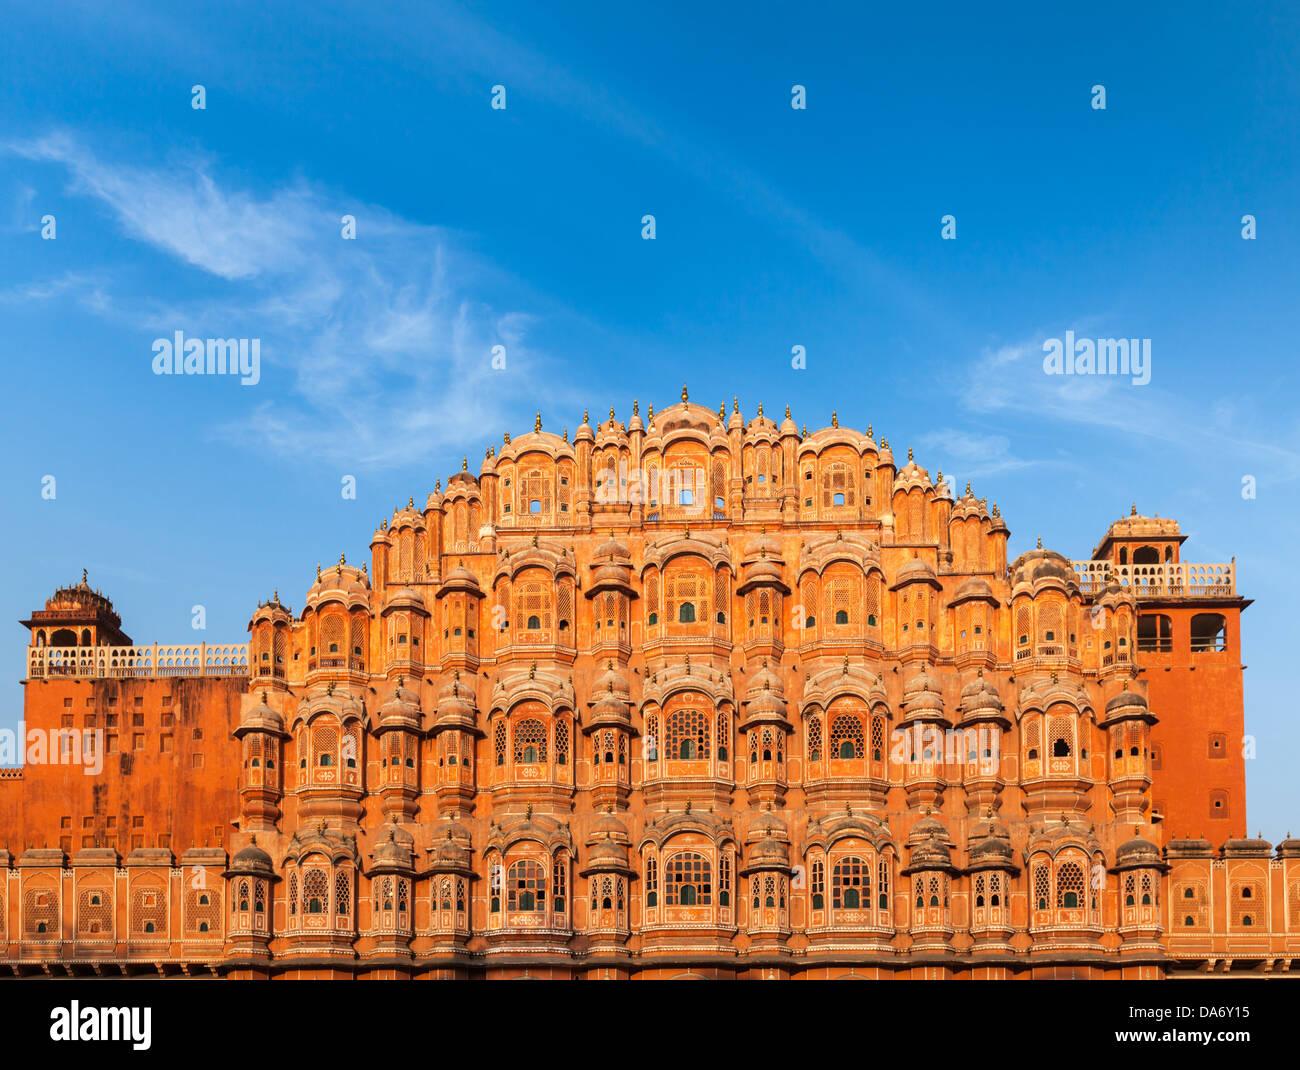 Rajasthan Famouse monument - palais Hawa Mahal (palais des vents), Jaipur, Rajasthan Photo Stock